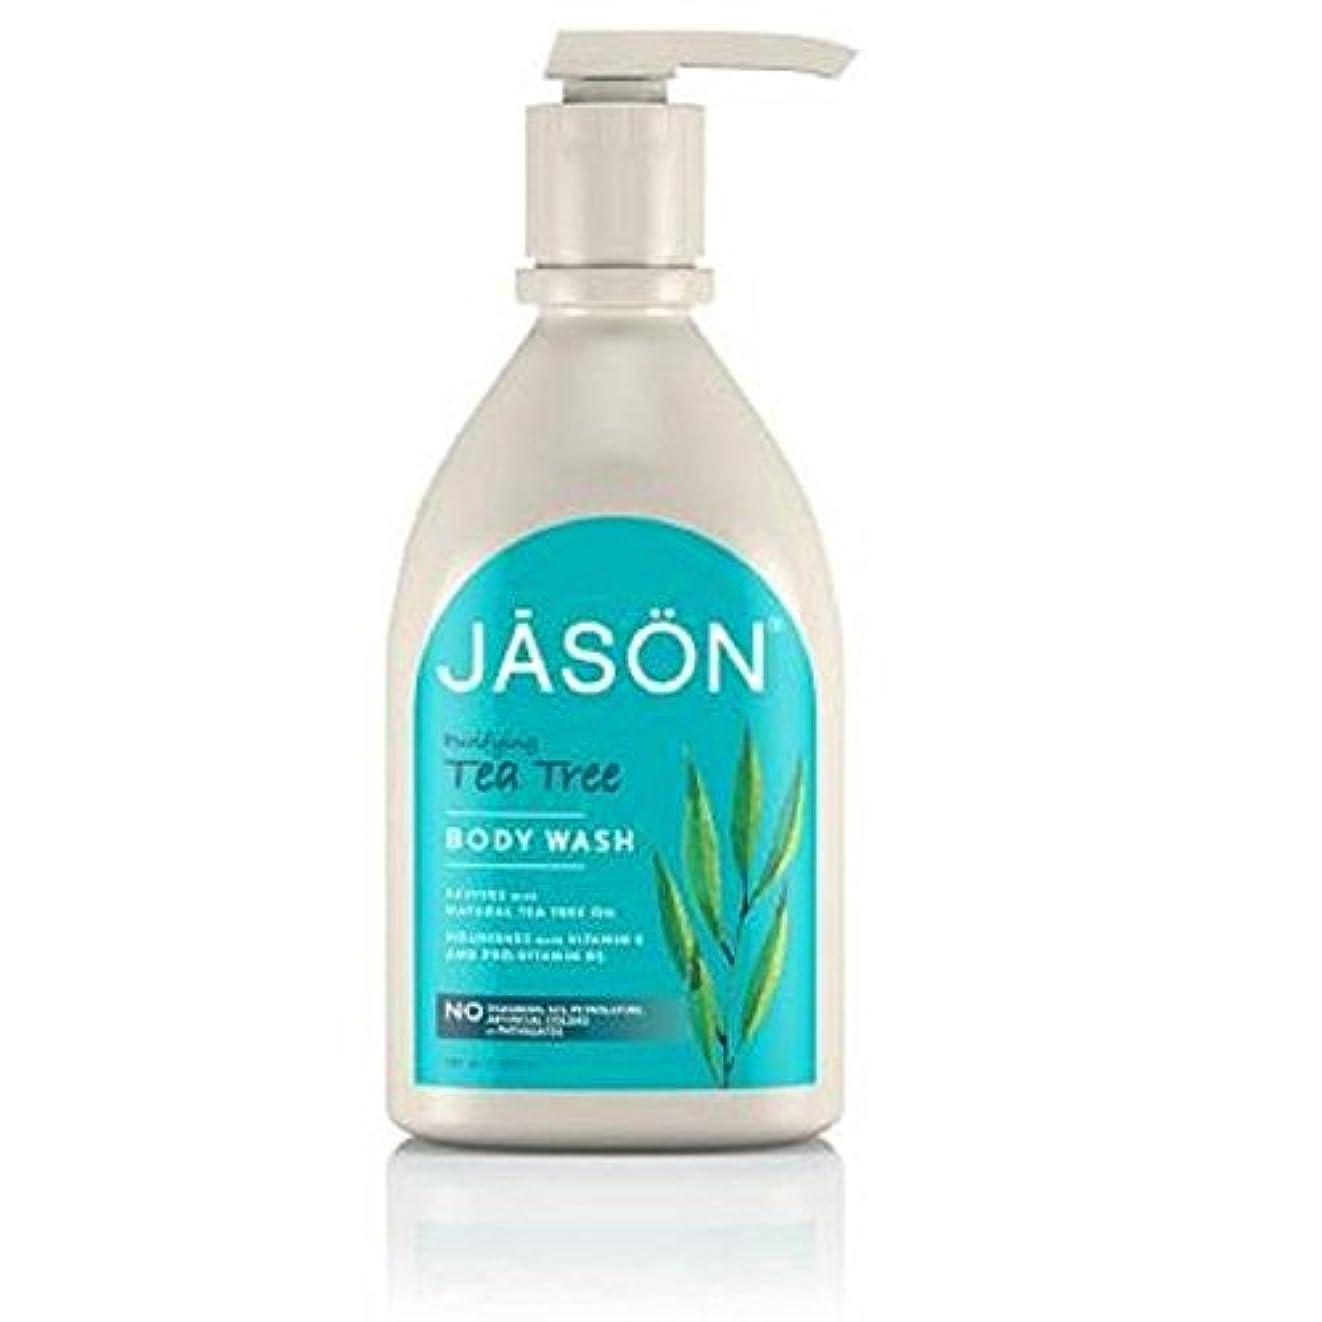 否認する上下する彫刻家ジェイソン?ティーツリーサテンボディウォッシュポンプ900ミリリットル x4 - Jason Tea Tree Satin Body Wash Pump 900ml (Pack of 4) [並行輸入品]